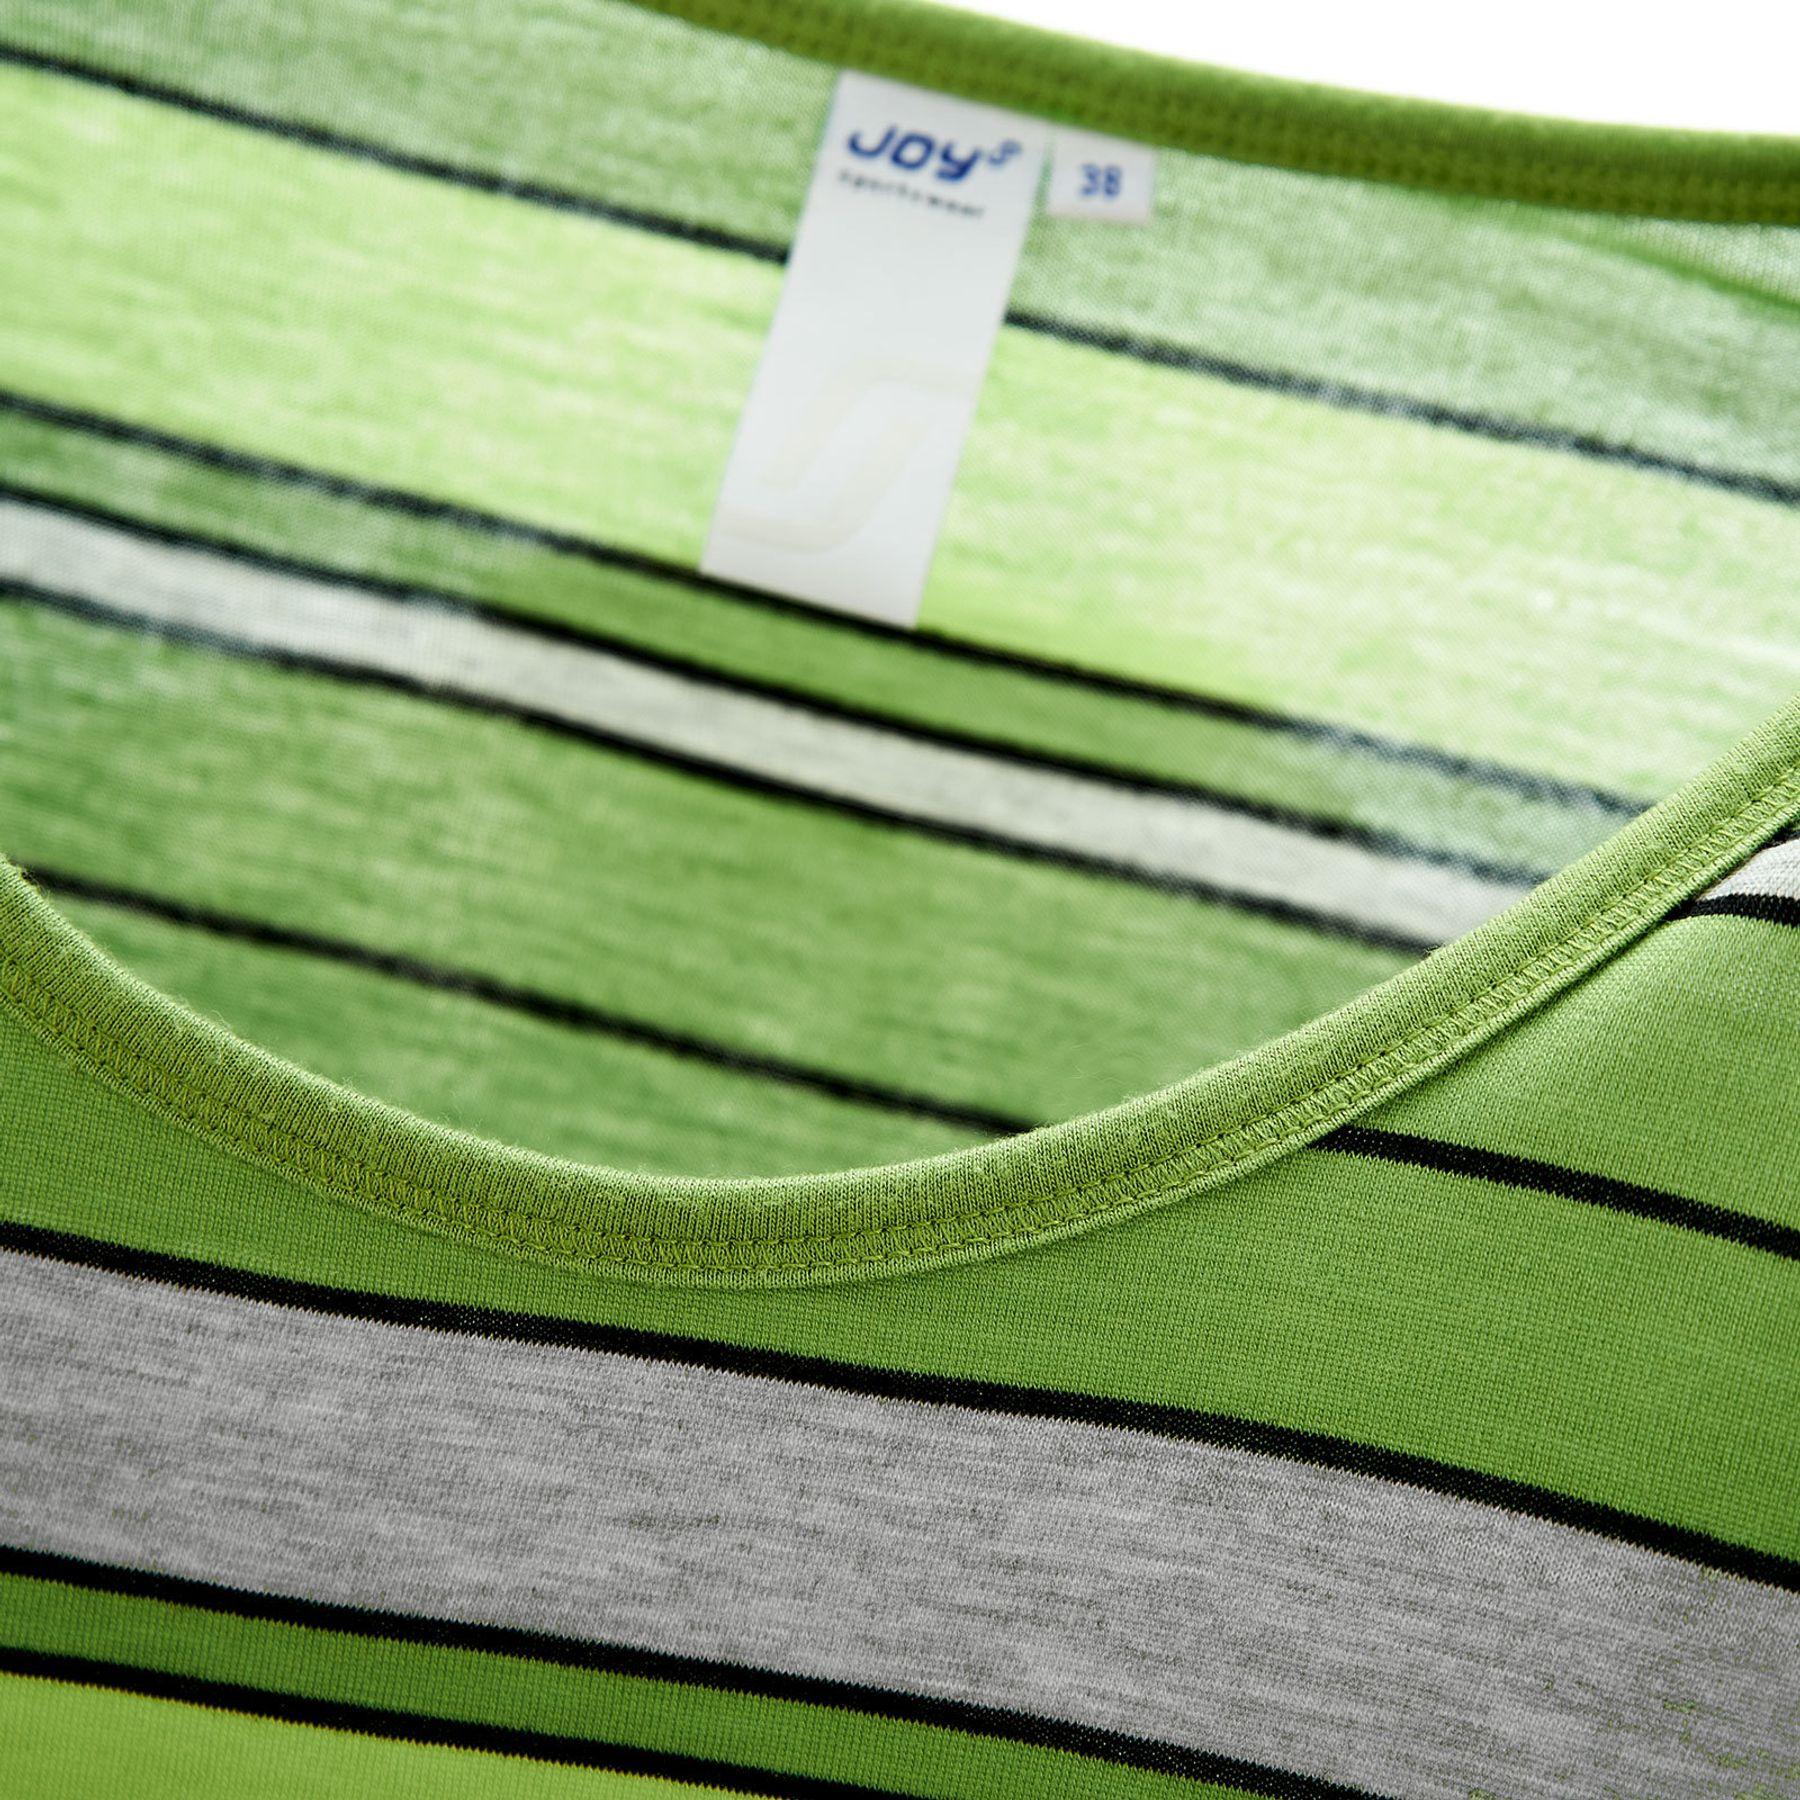 Joy - Damen Sport und Freizeit Shirt im Streifenmuster, Witta (30191) – Bild 5